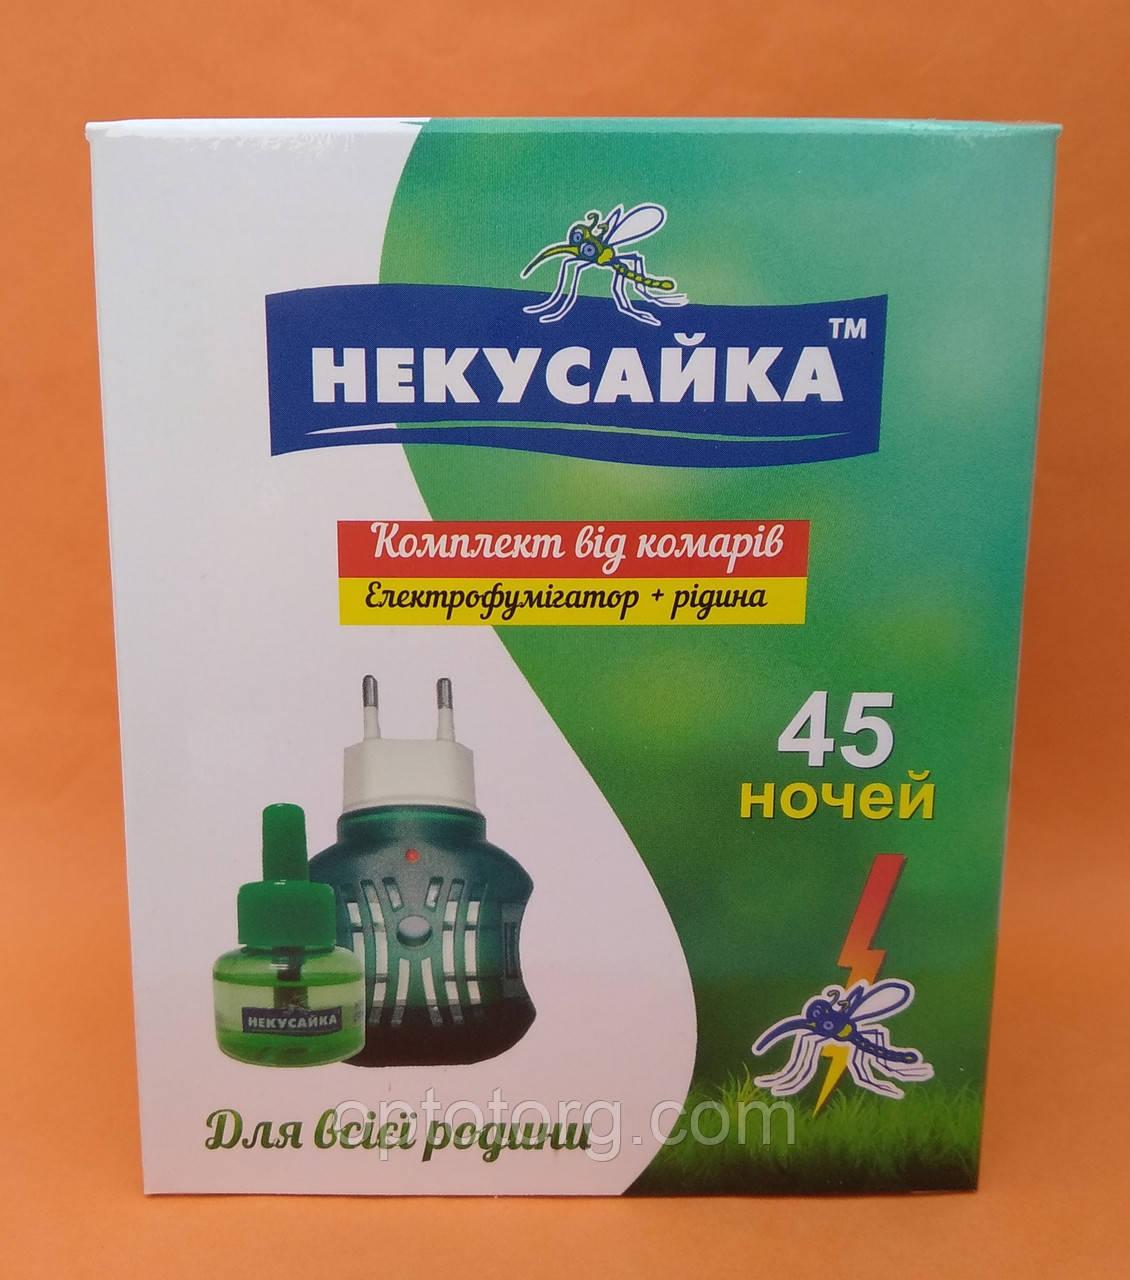 Фумигатор+жидкость от комаров Некусайка  45 ночей